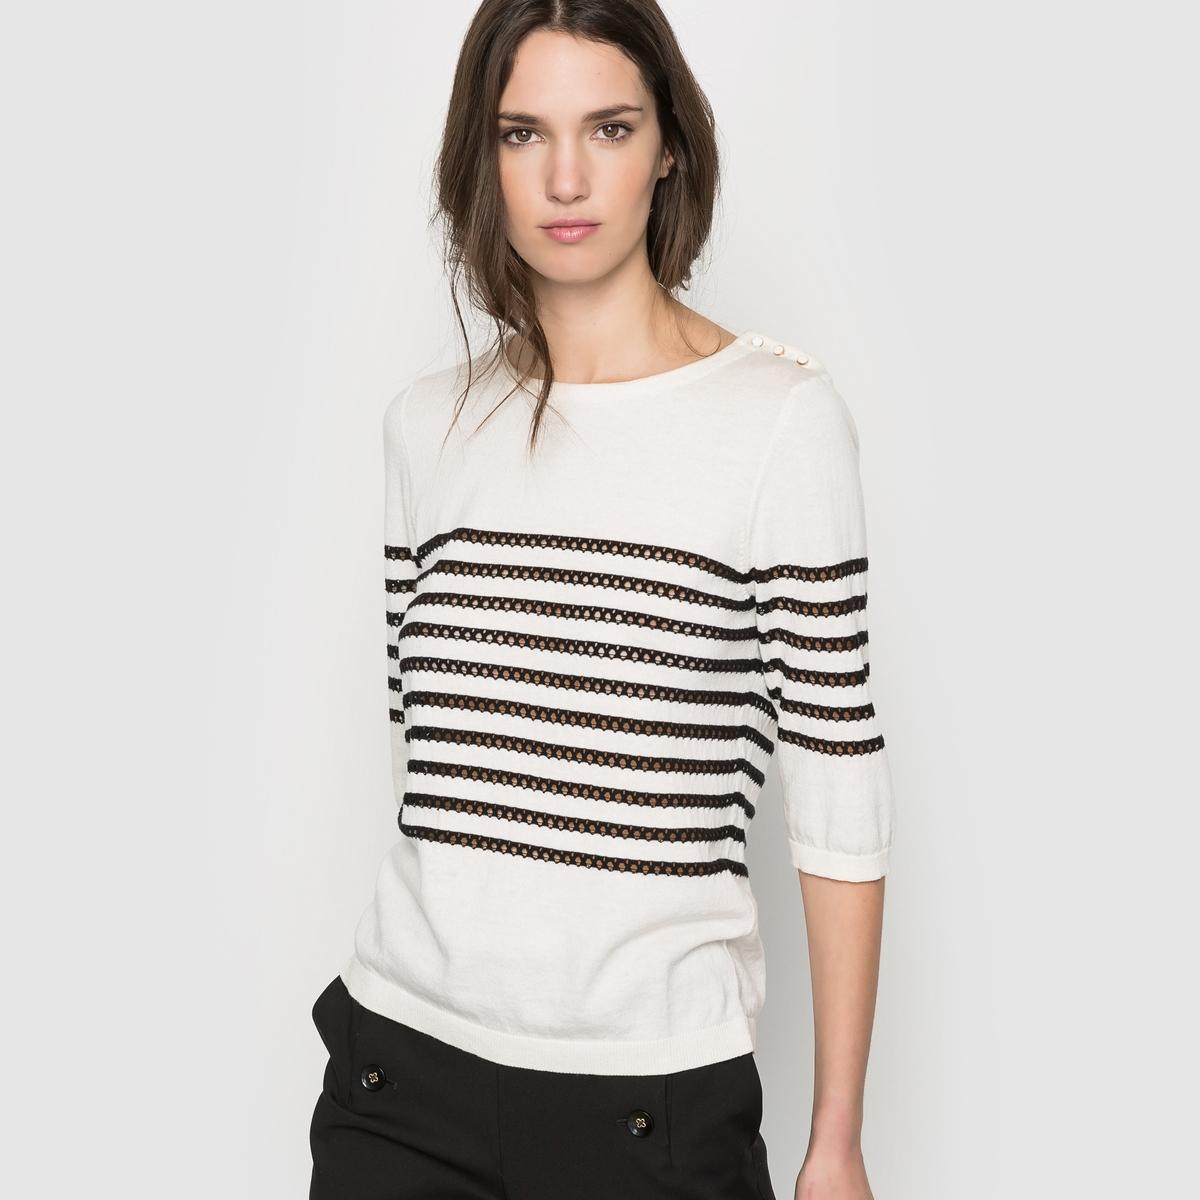 Пуловер в полоскуПуловер в полоску . 100% хлопка . Свободный вырез . С пуговицей на плече   . Рукава 3/4  . Длина 57 см .<br><br>Цвет: экрю